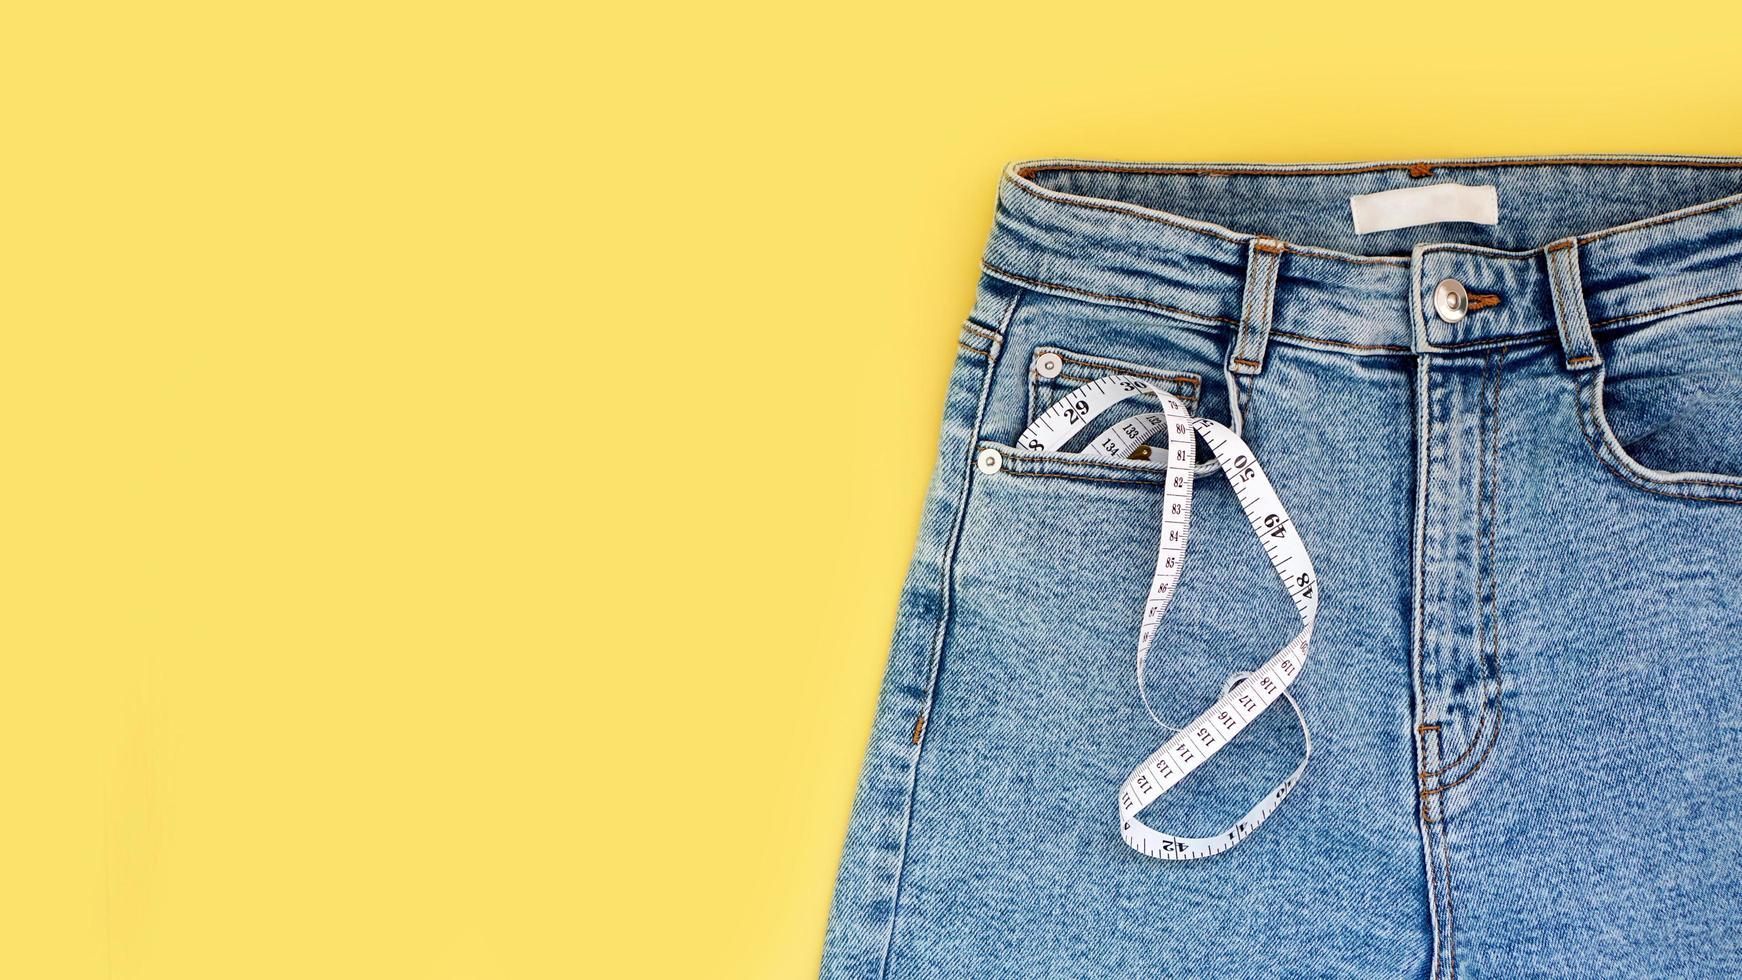 meetlint en jeans op een felgele achtergrond foto